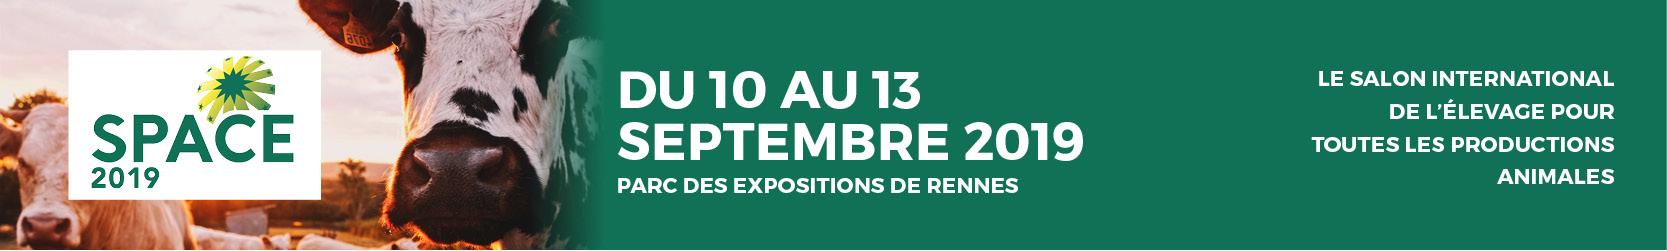 Le SPACE 2019 a lieu comme tout les ans à Rennes du 10 au 13 septembre 2019.